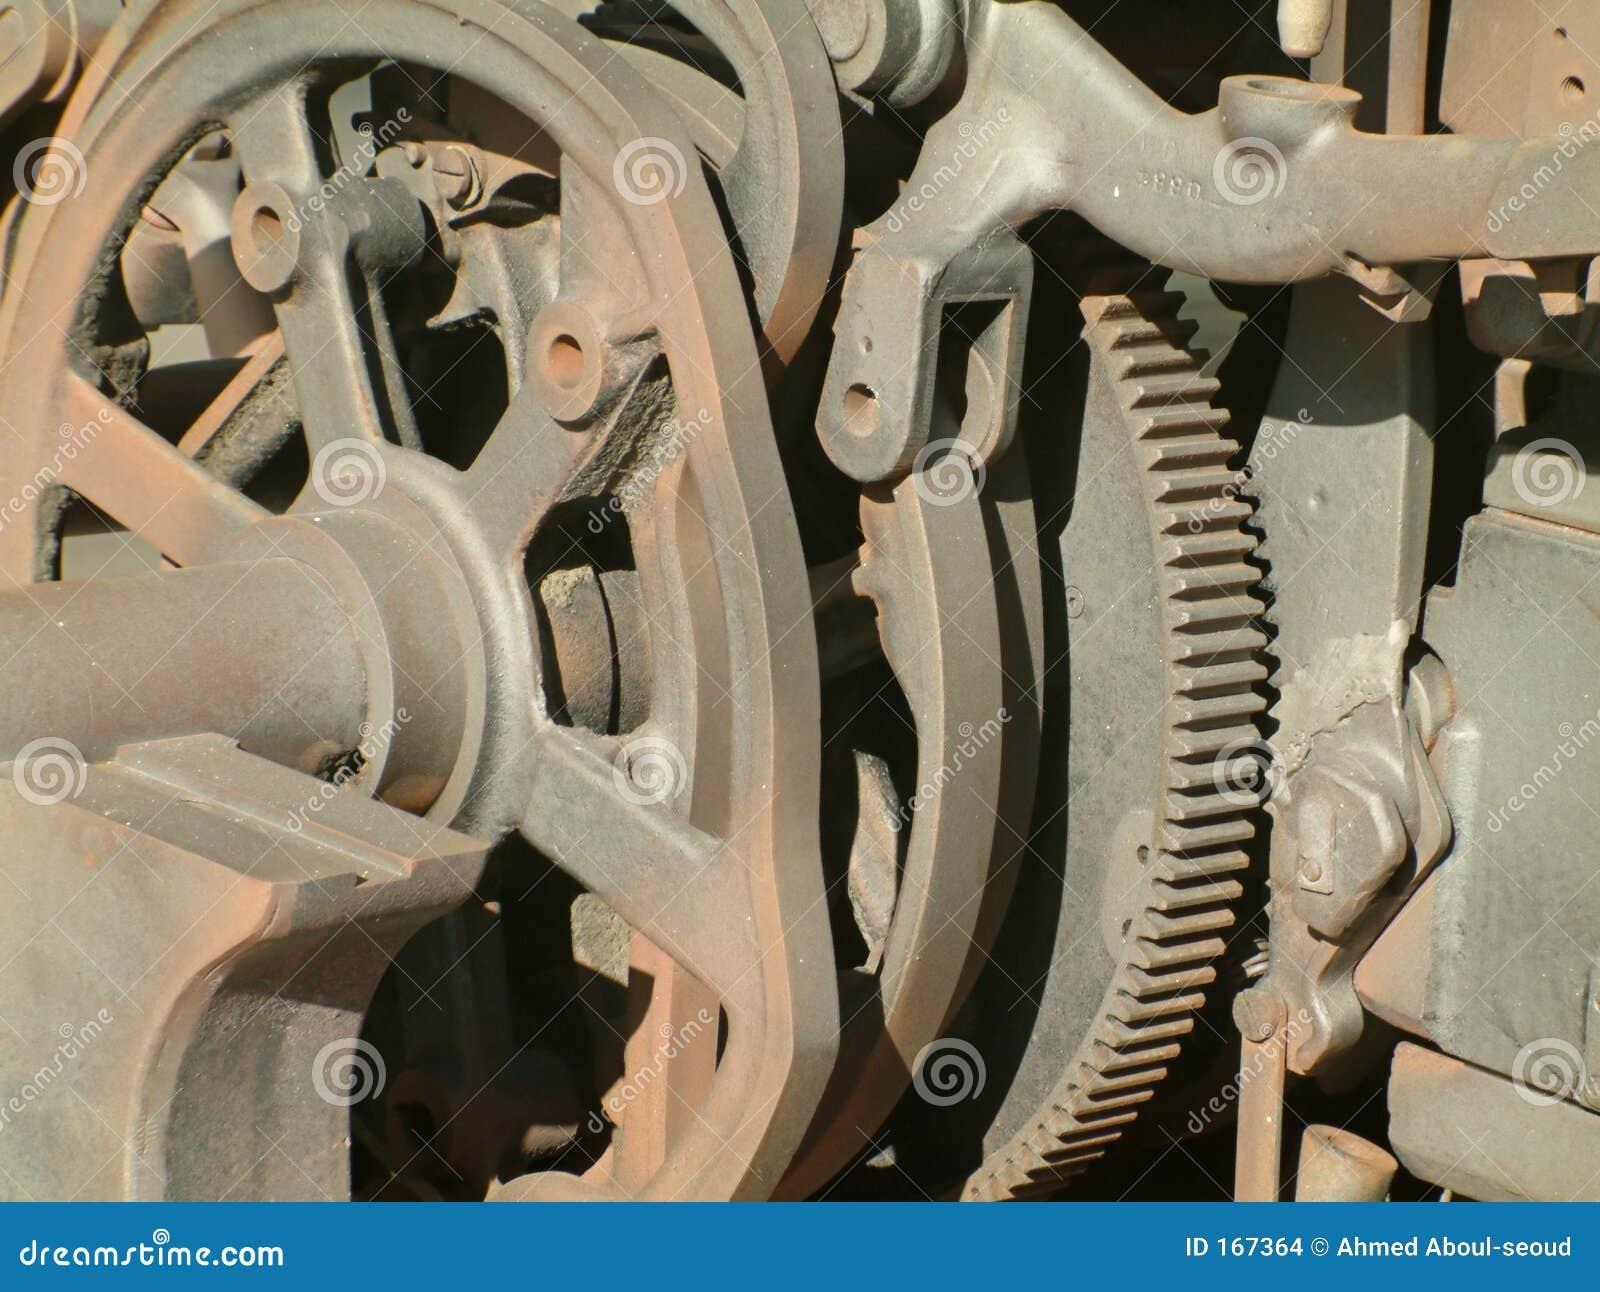 Old Machine Details